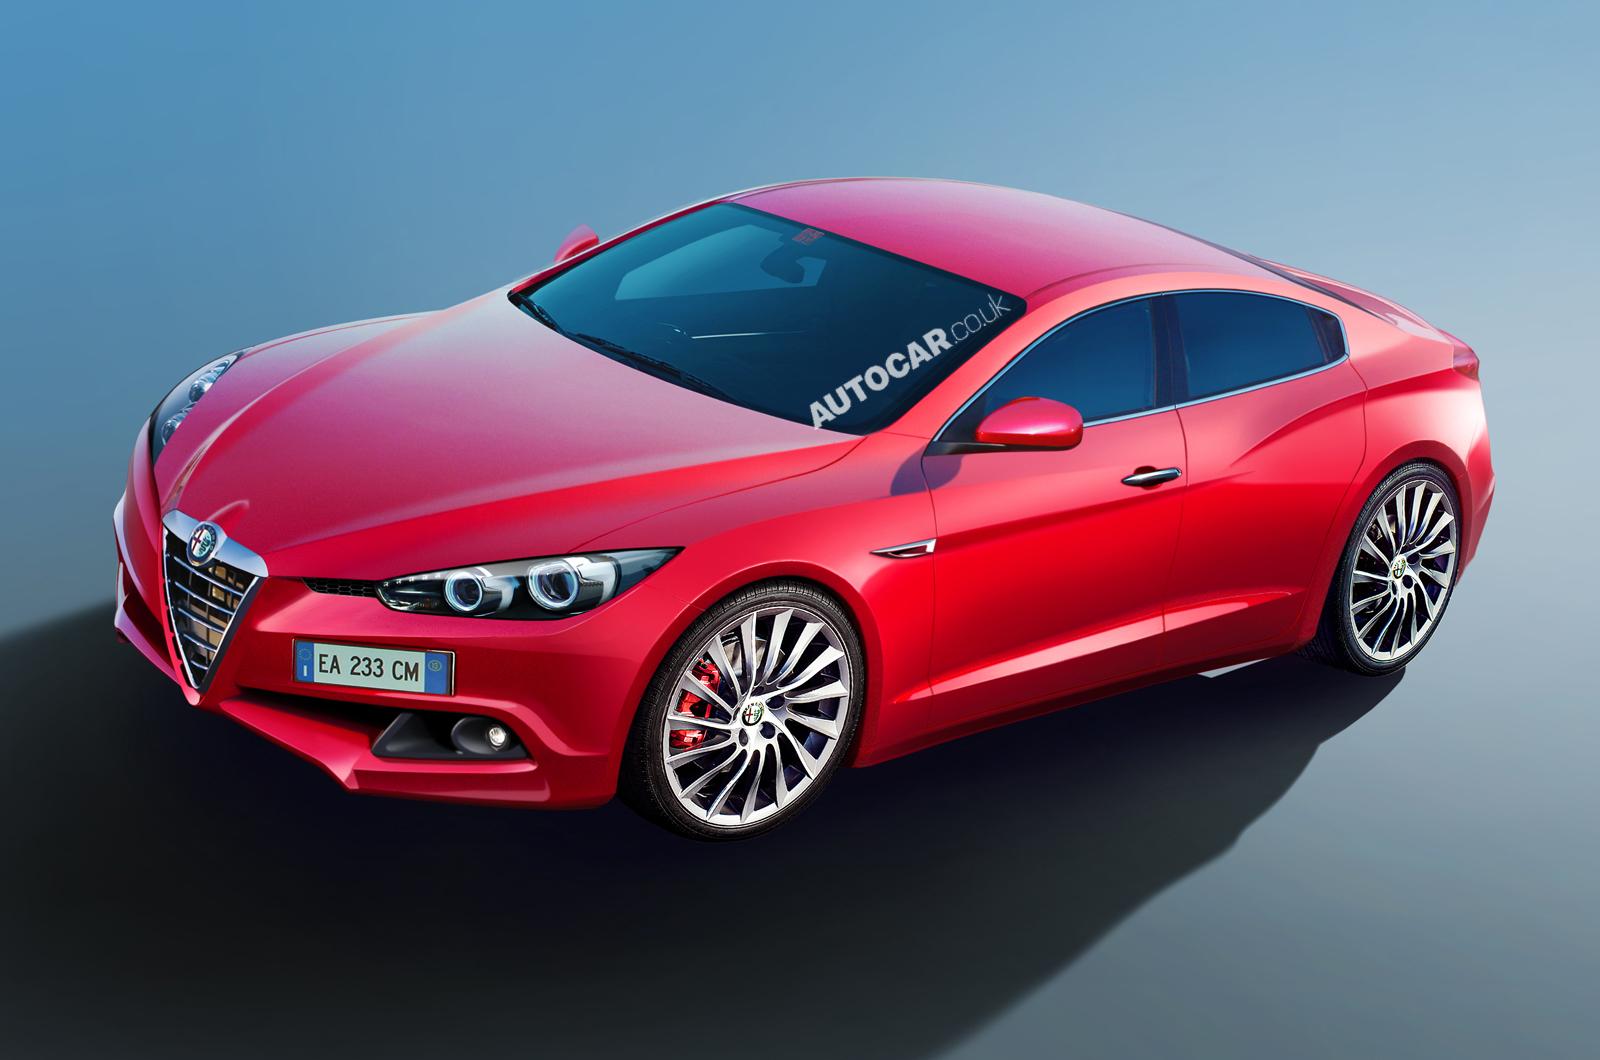 Alfa Romeo Giulia zadebiutuje w Paryżu? Nowe informacje o następcy